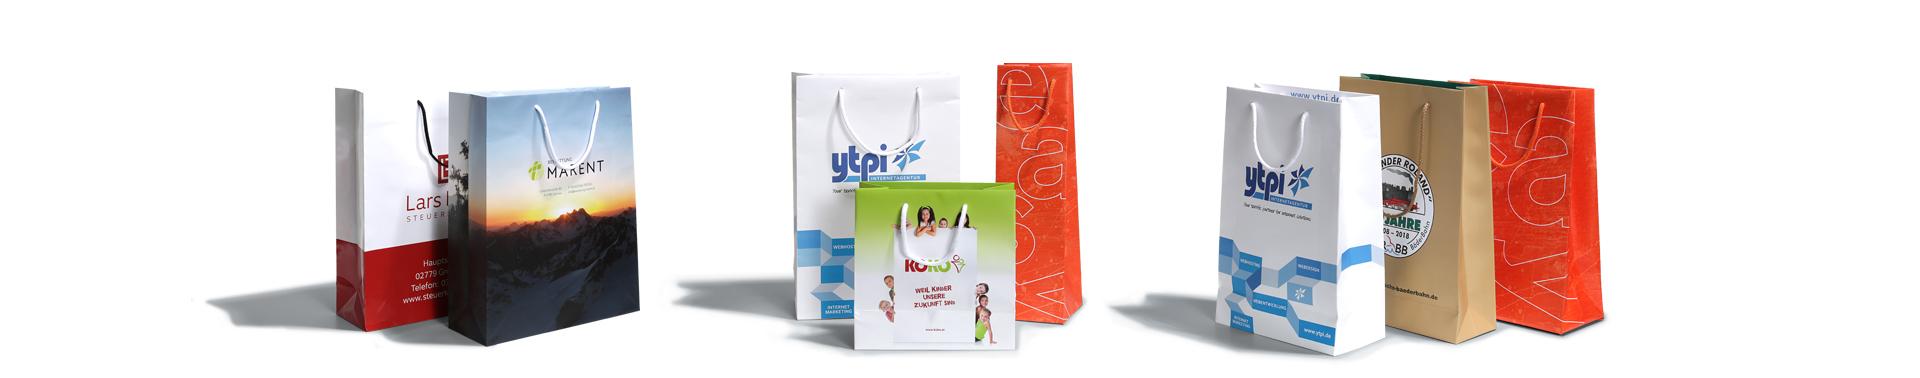 Papiertaschen, Tragetaschen, Taschen mit Motiv, individuelle Taschen, online drucken, easyordner.de, easyordner